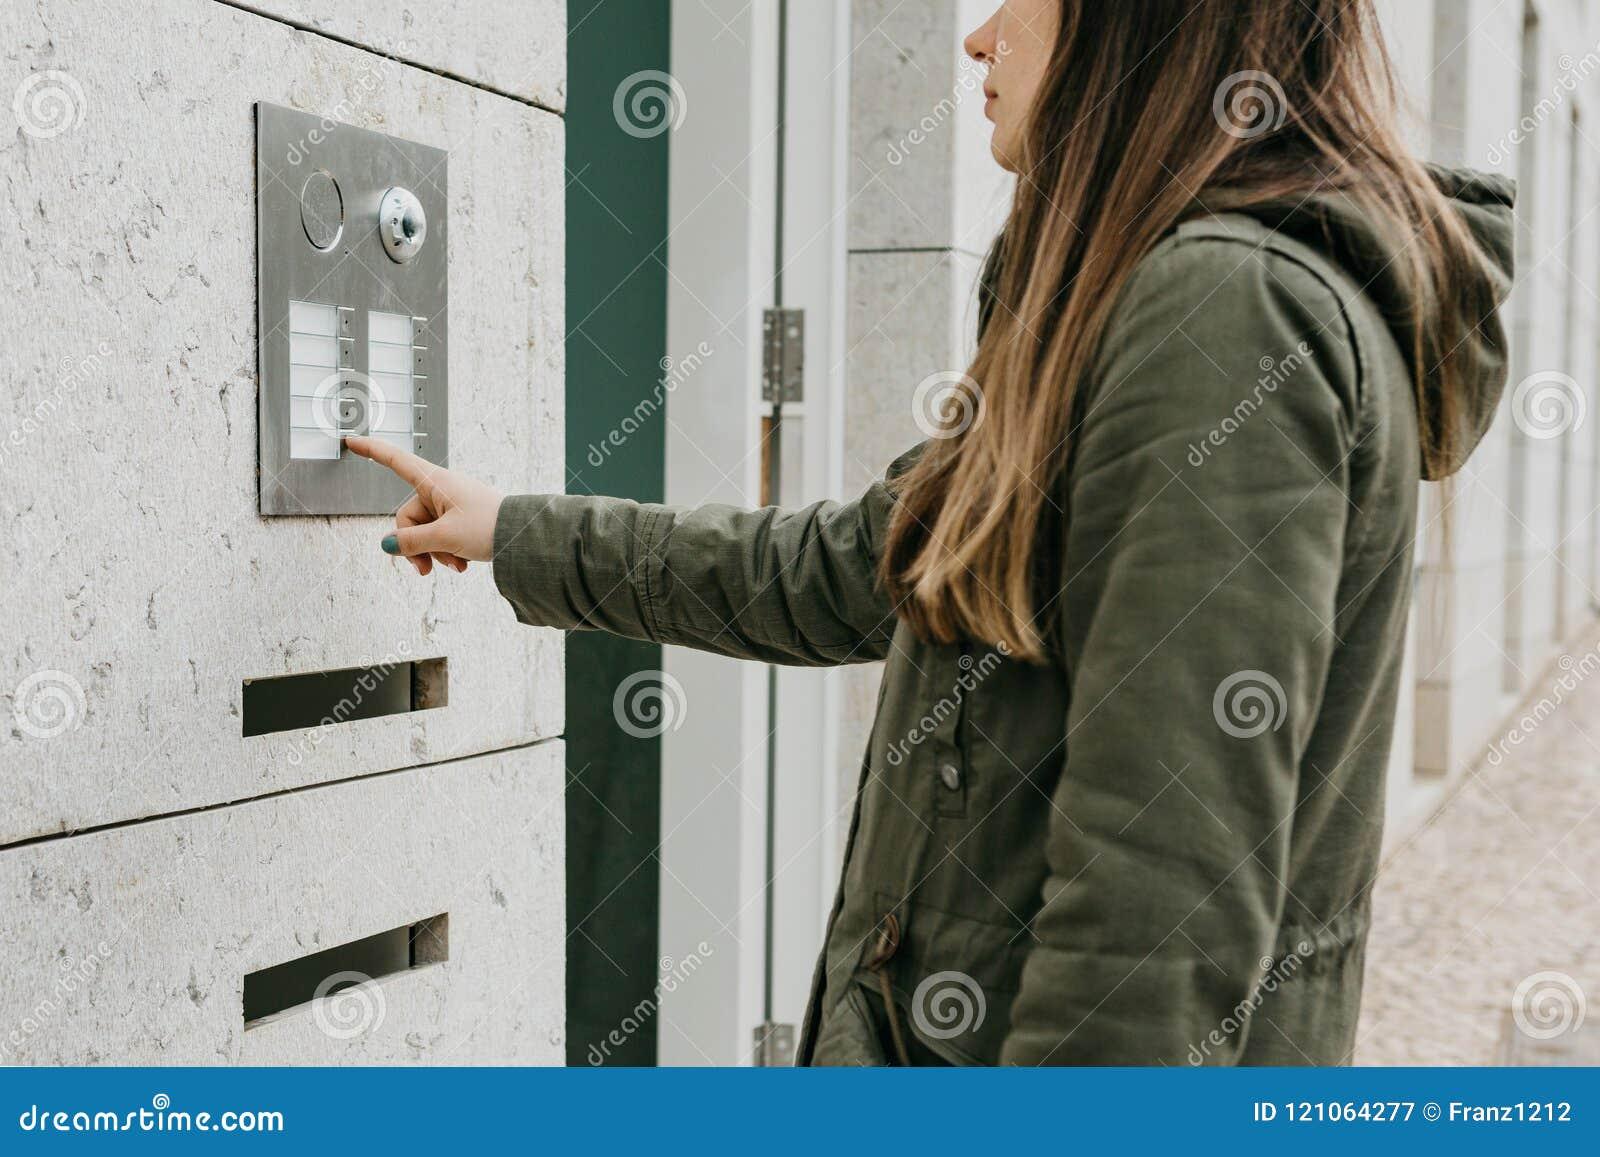 Das Mädchen betätigt den doorphone Knopf oder nennt die Wechselsprechanlage